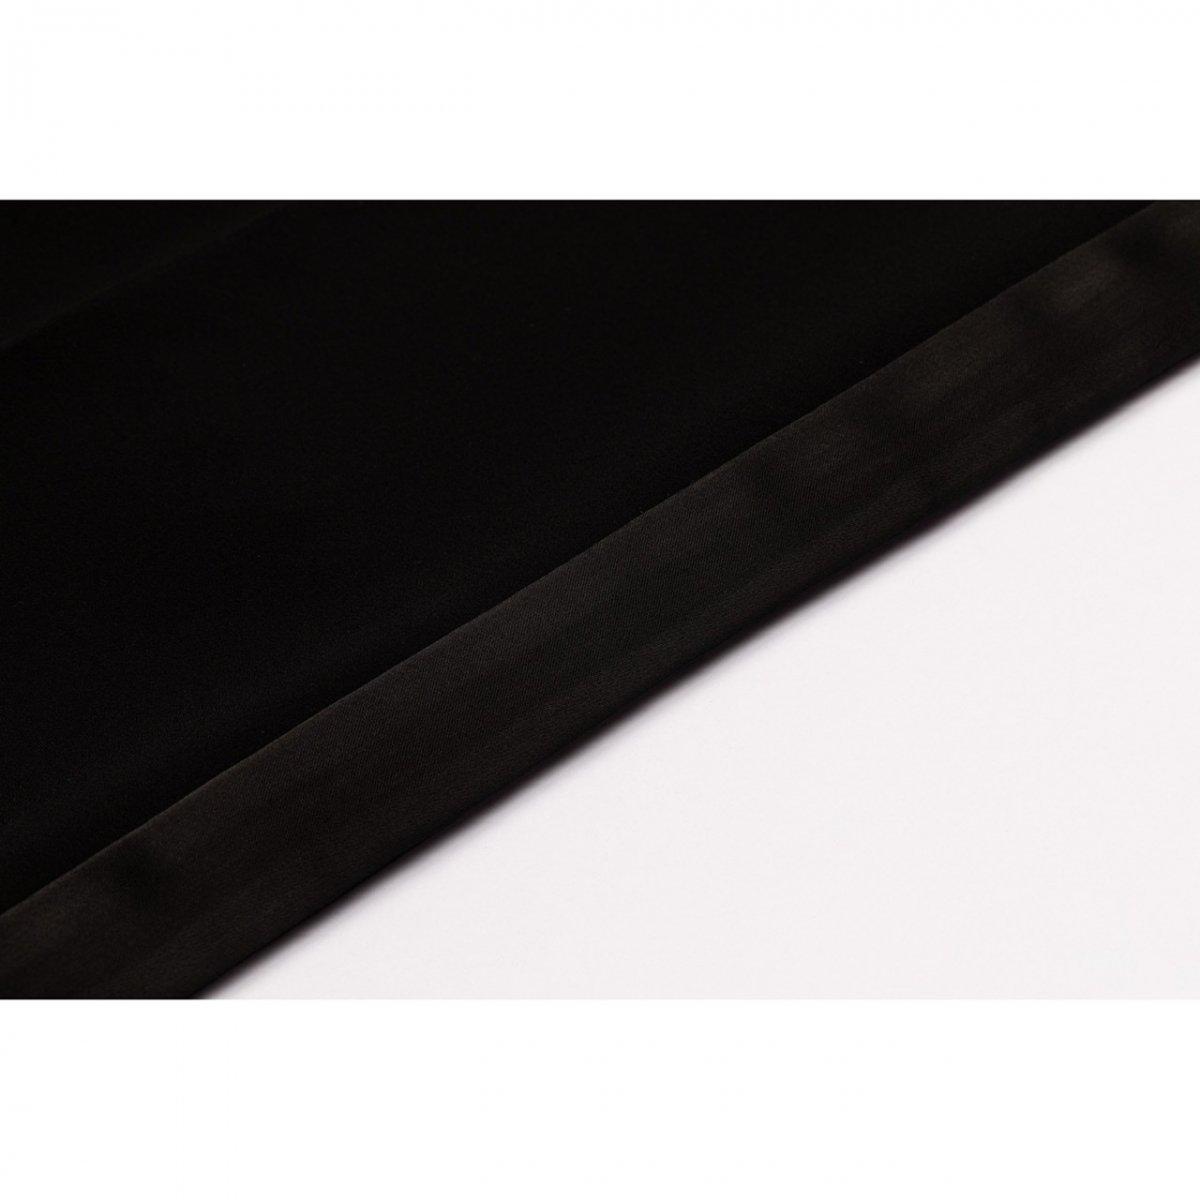 サイド切り替えストレートパンツ(ブラック)